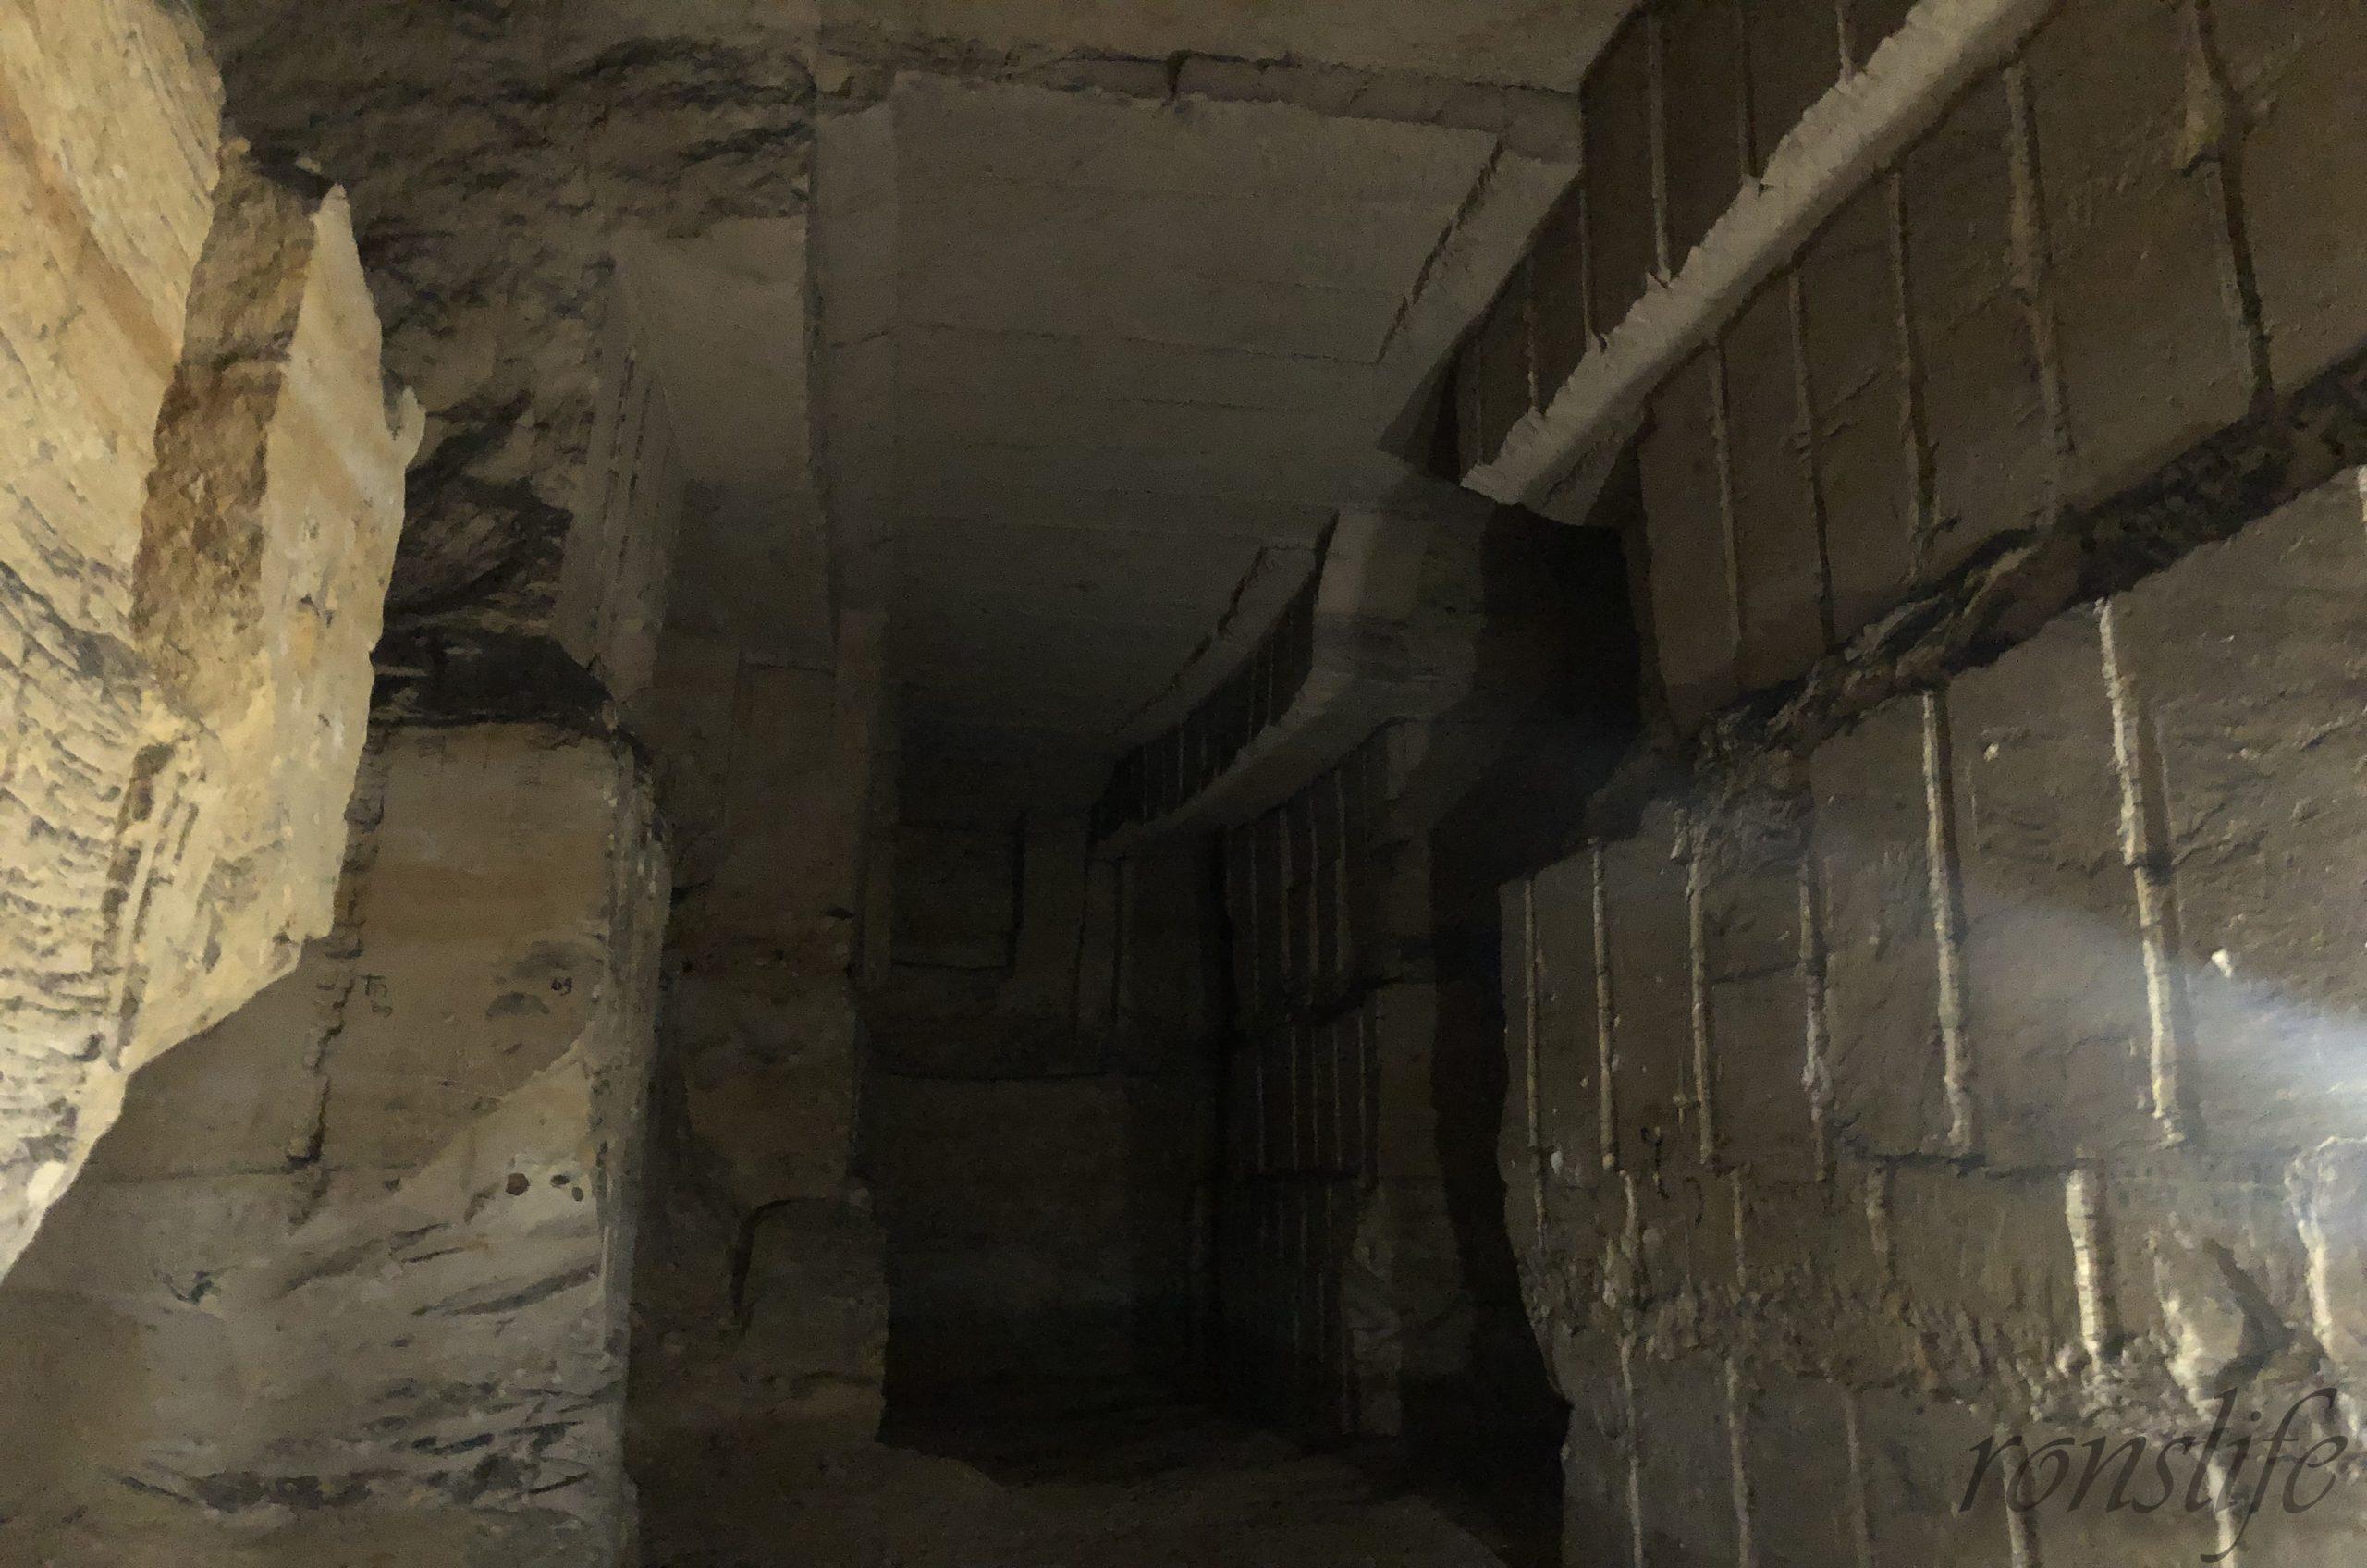 Zo donker is het in het gangenstelsel van de Sint-Pietersberg